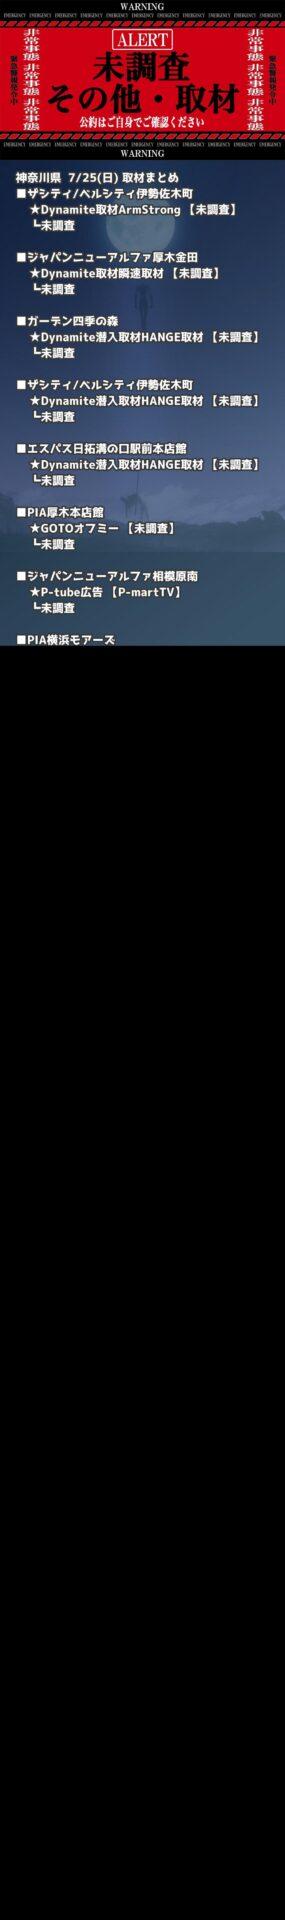 神奈川県_2021-07-25_未調査_パチンコ・パチスロ